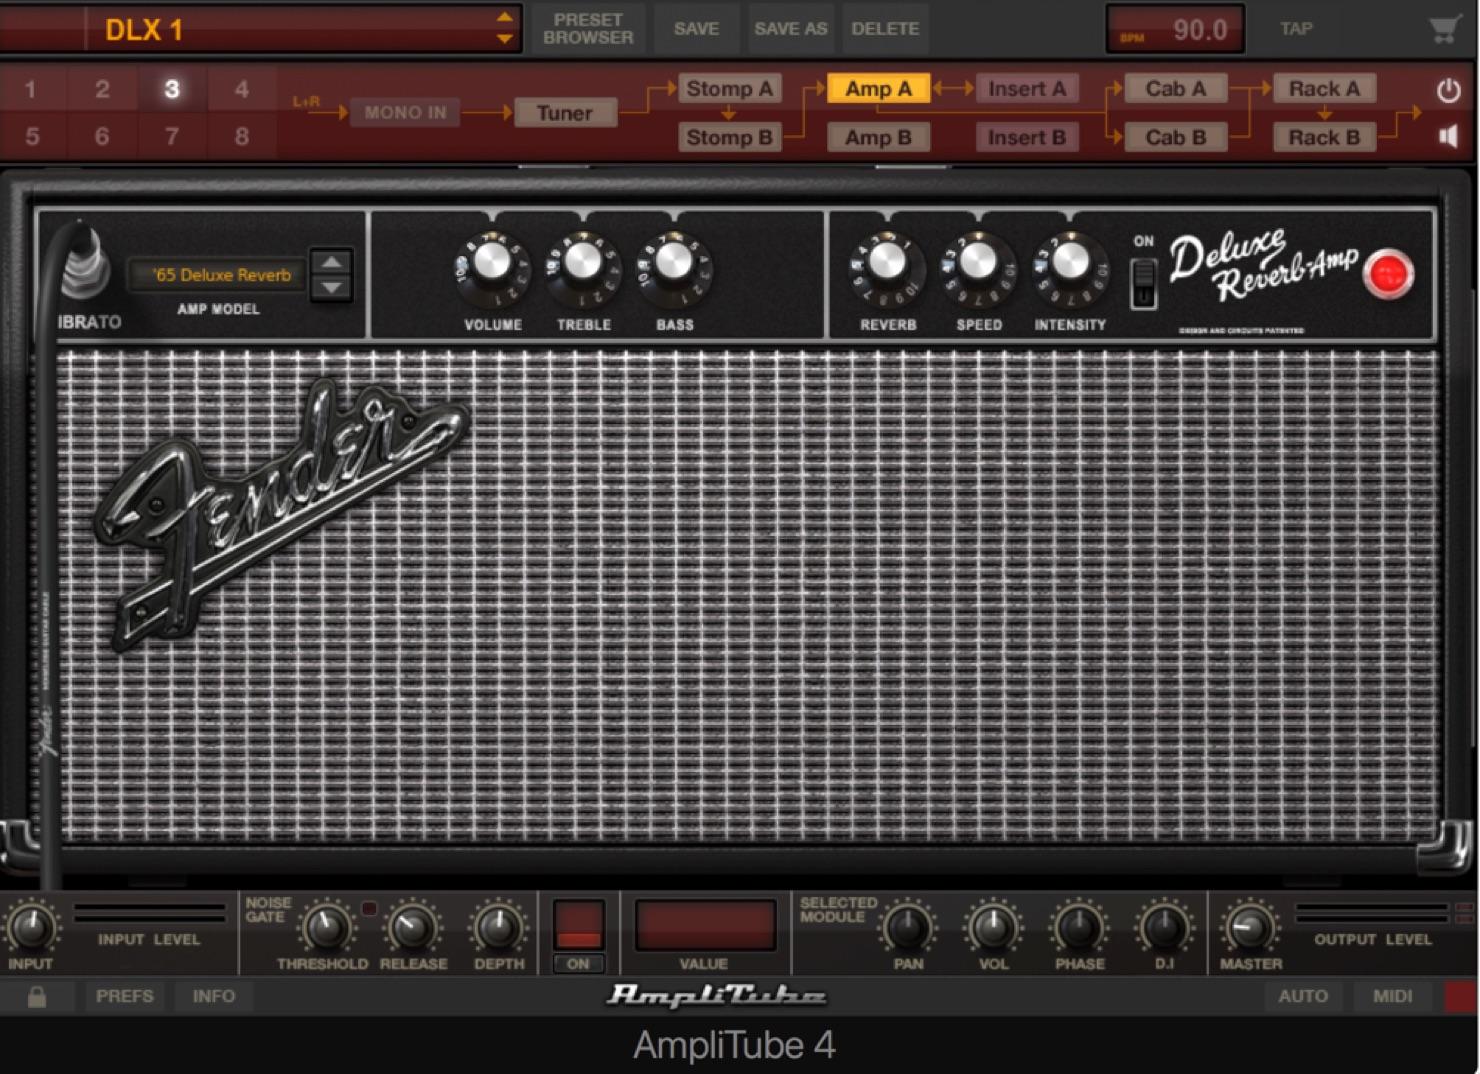 Amplitube4-FenderDeluxe-Reverb